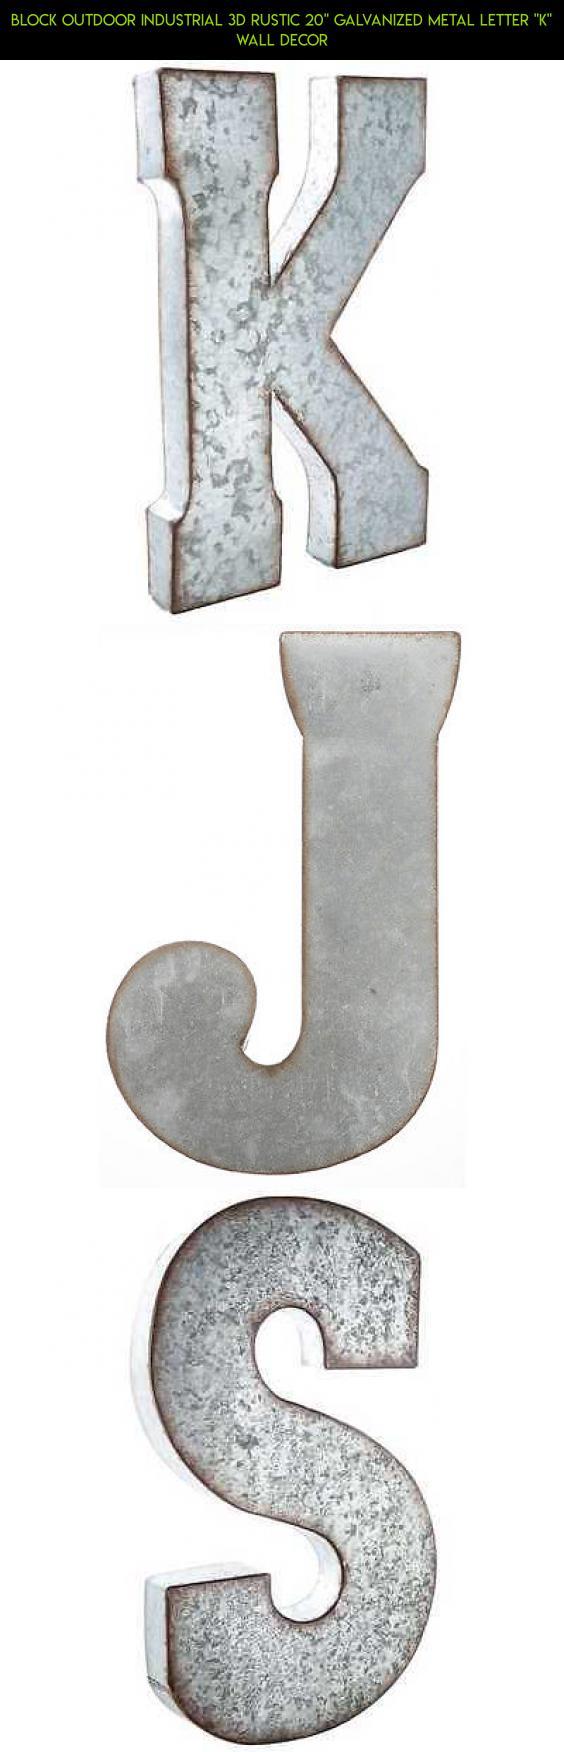 Block Outdoor Industrial 3d Rustic 20 Galvanized Metal Letter K